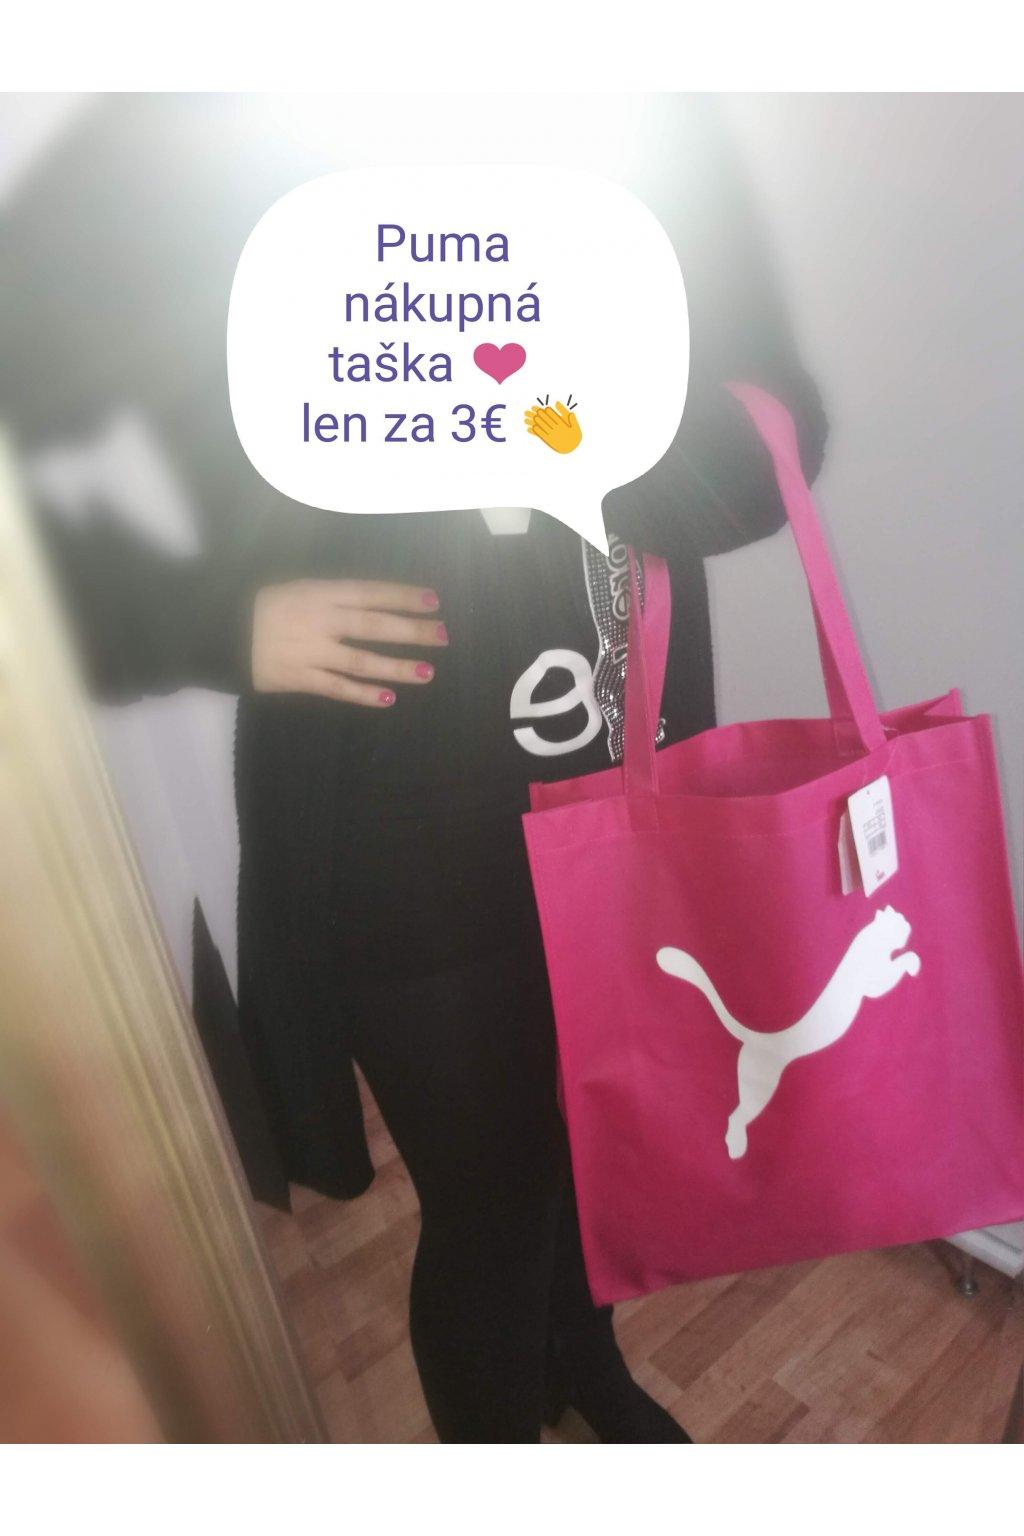 23a90b5f63 ... PUMA nákupná taška